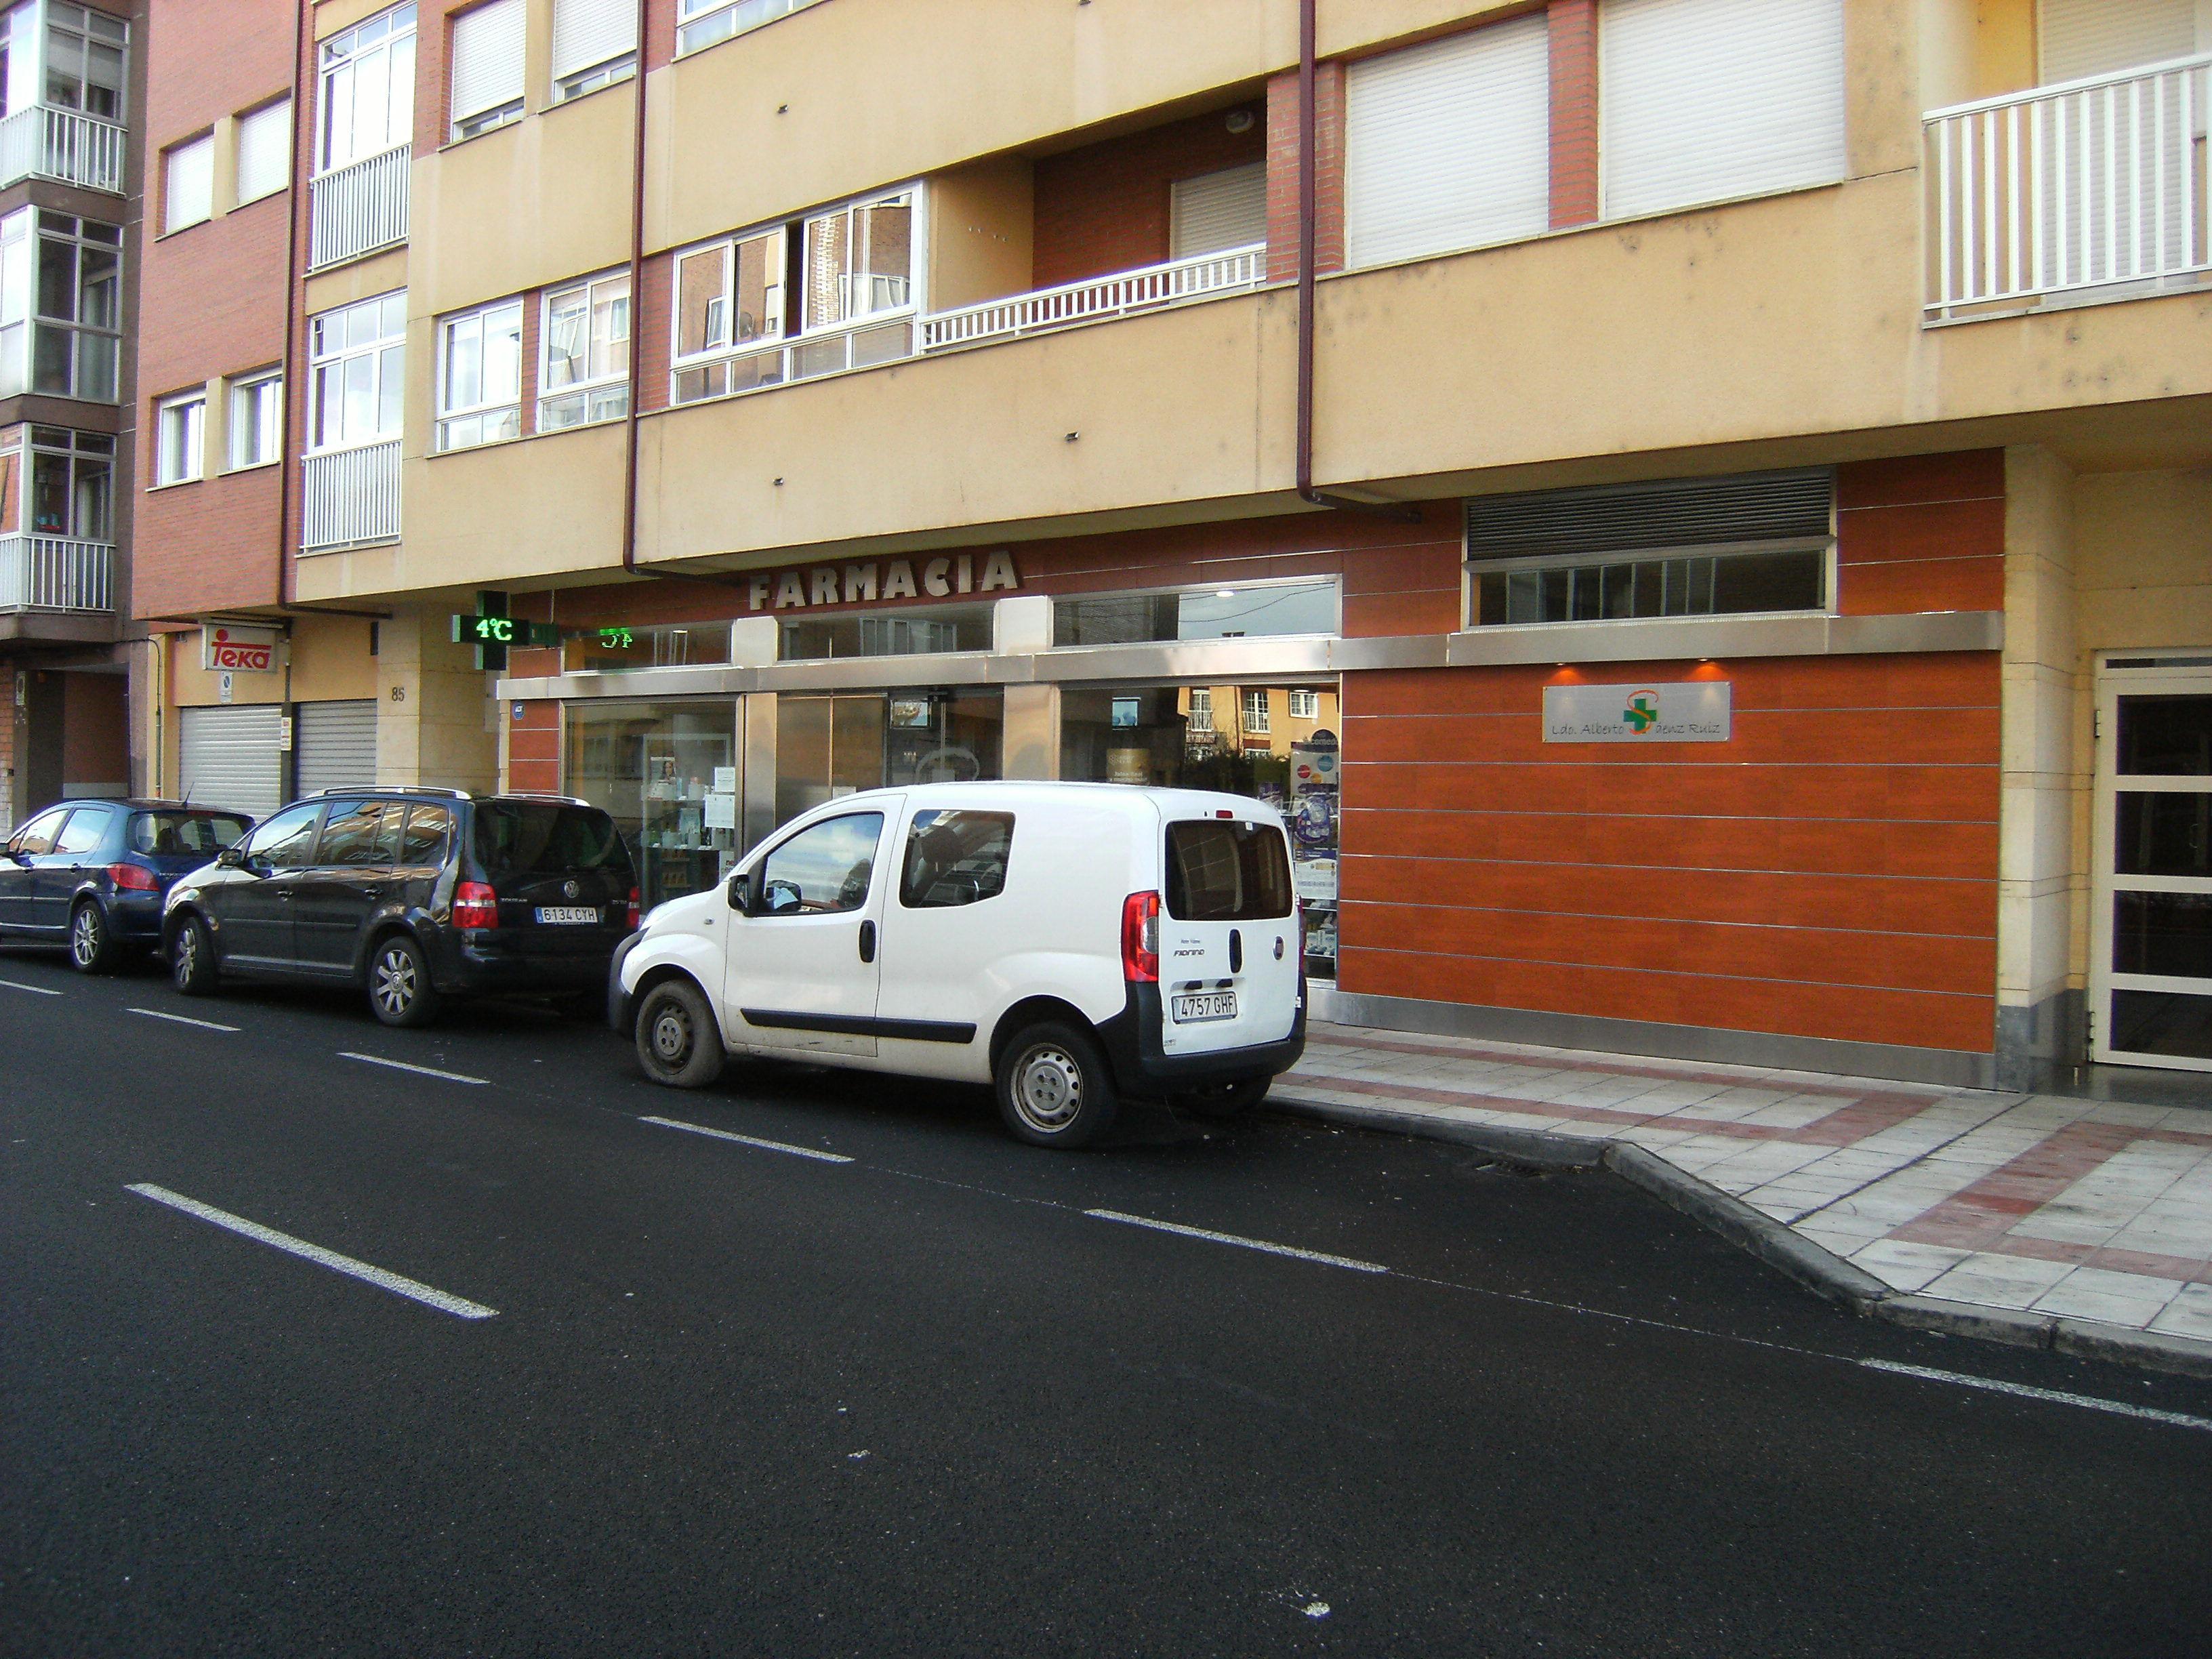 Foto 2 de Farmacias en San Andrés del Rabanedo | Farmacia Ldo. Alberto Sáenz Ruiz